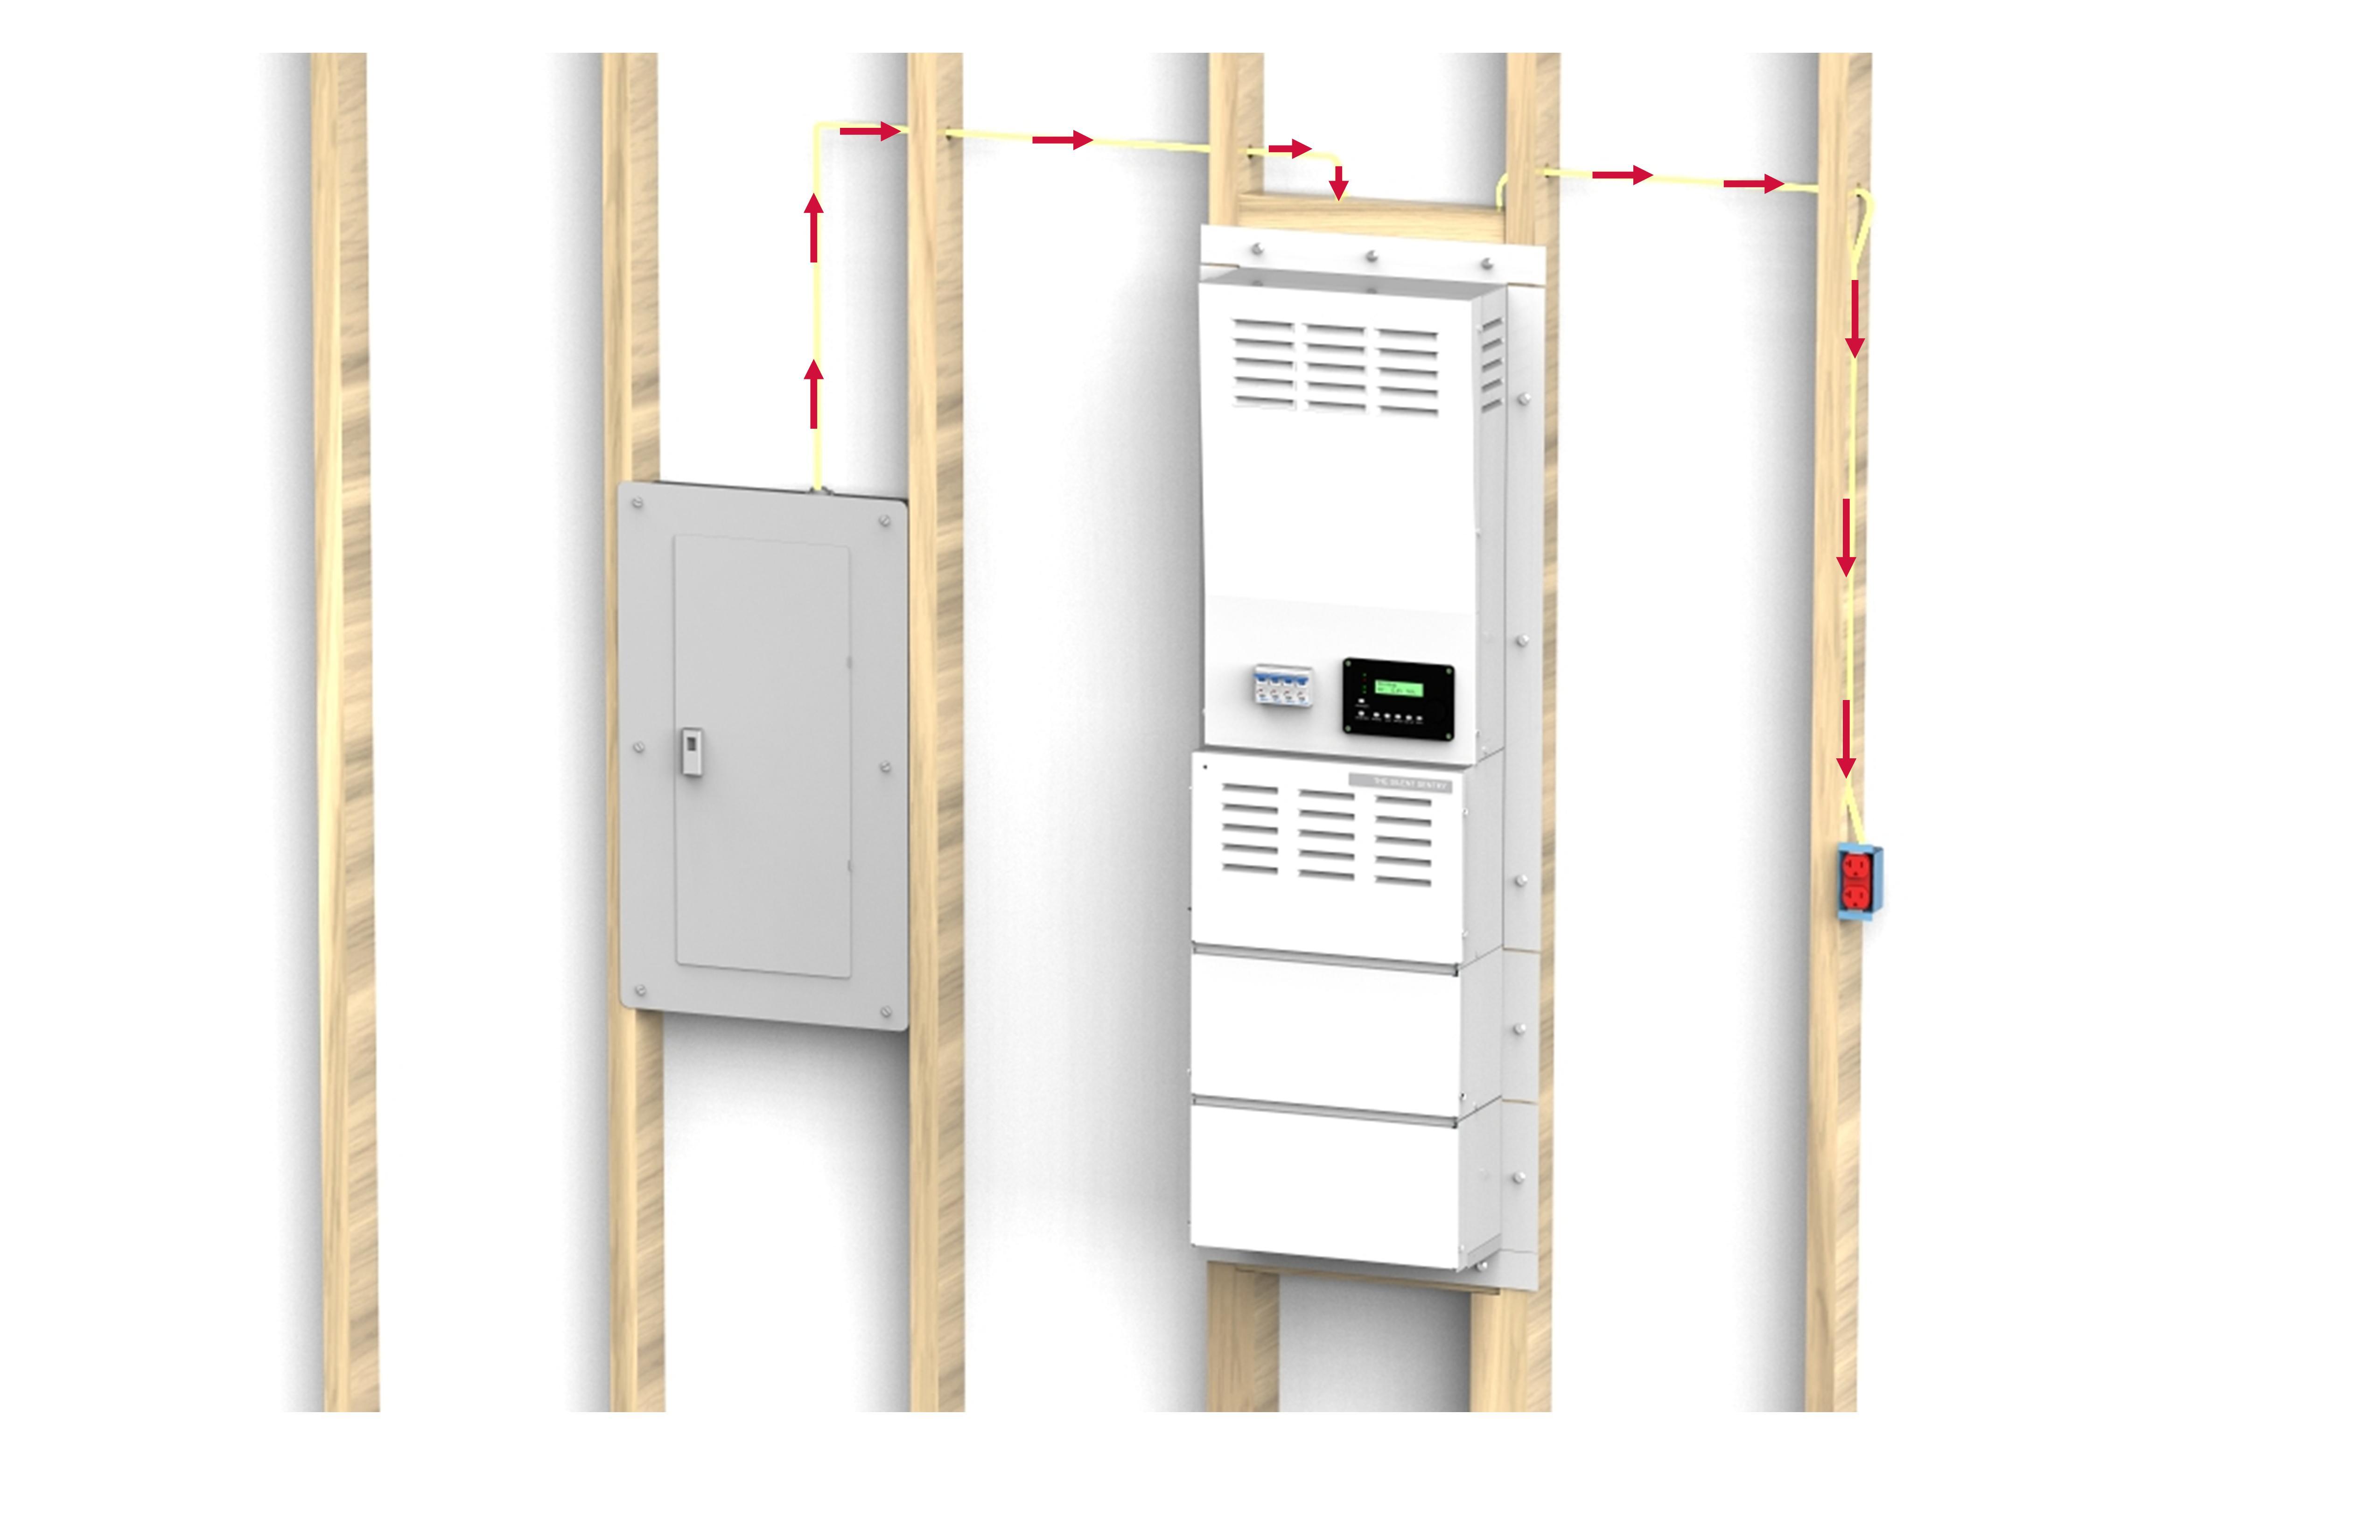 Hardwire and standalone indoor generators